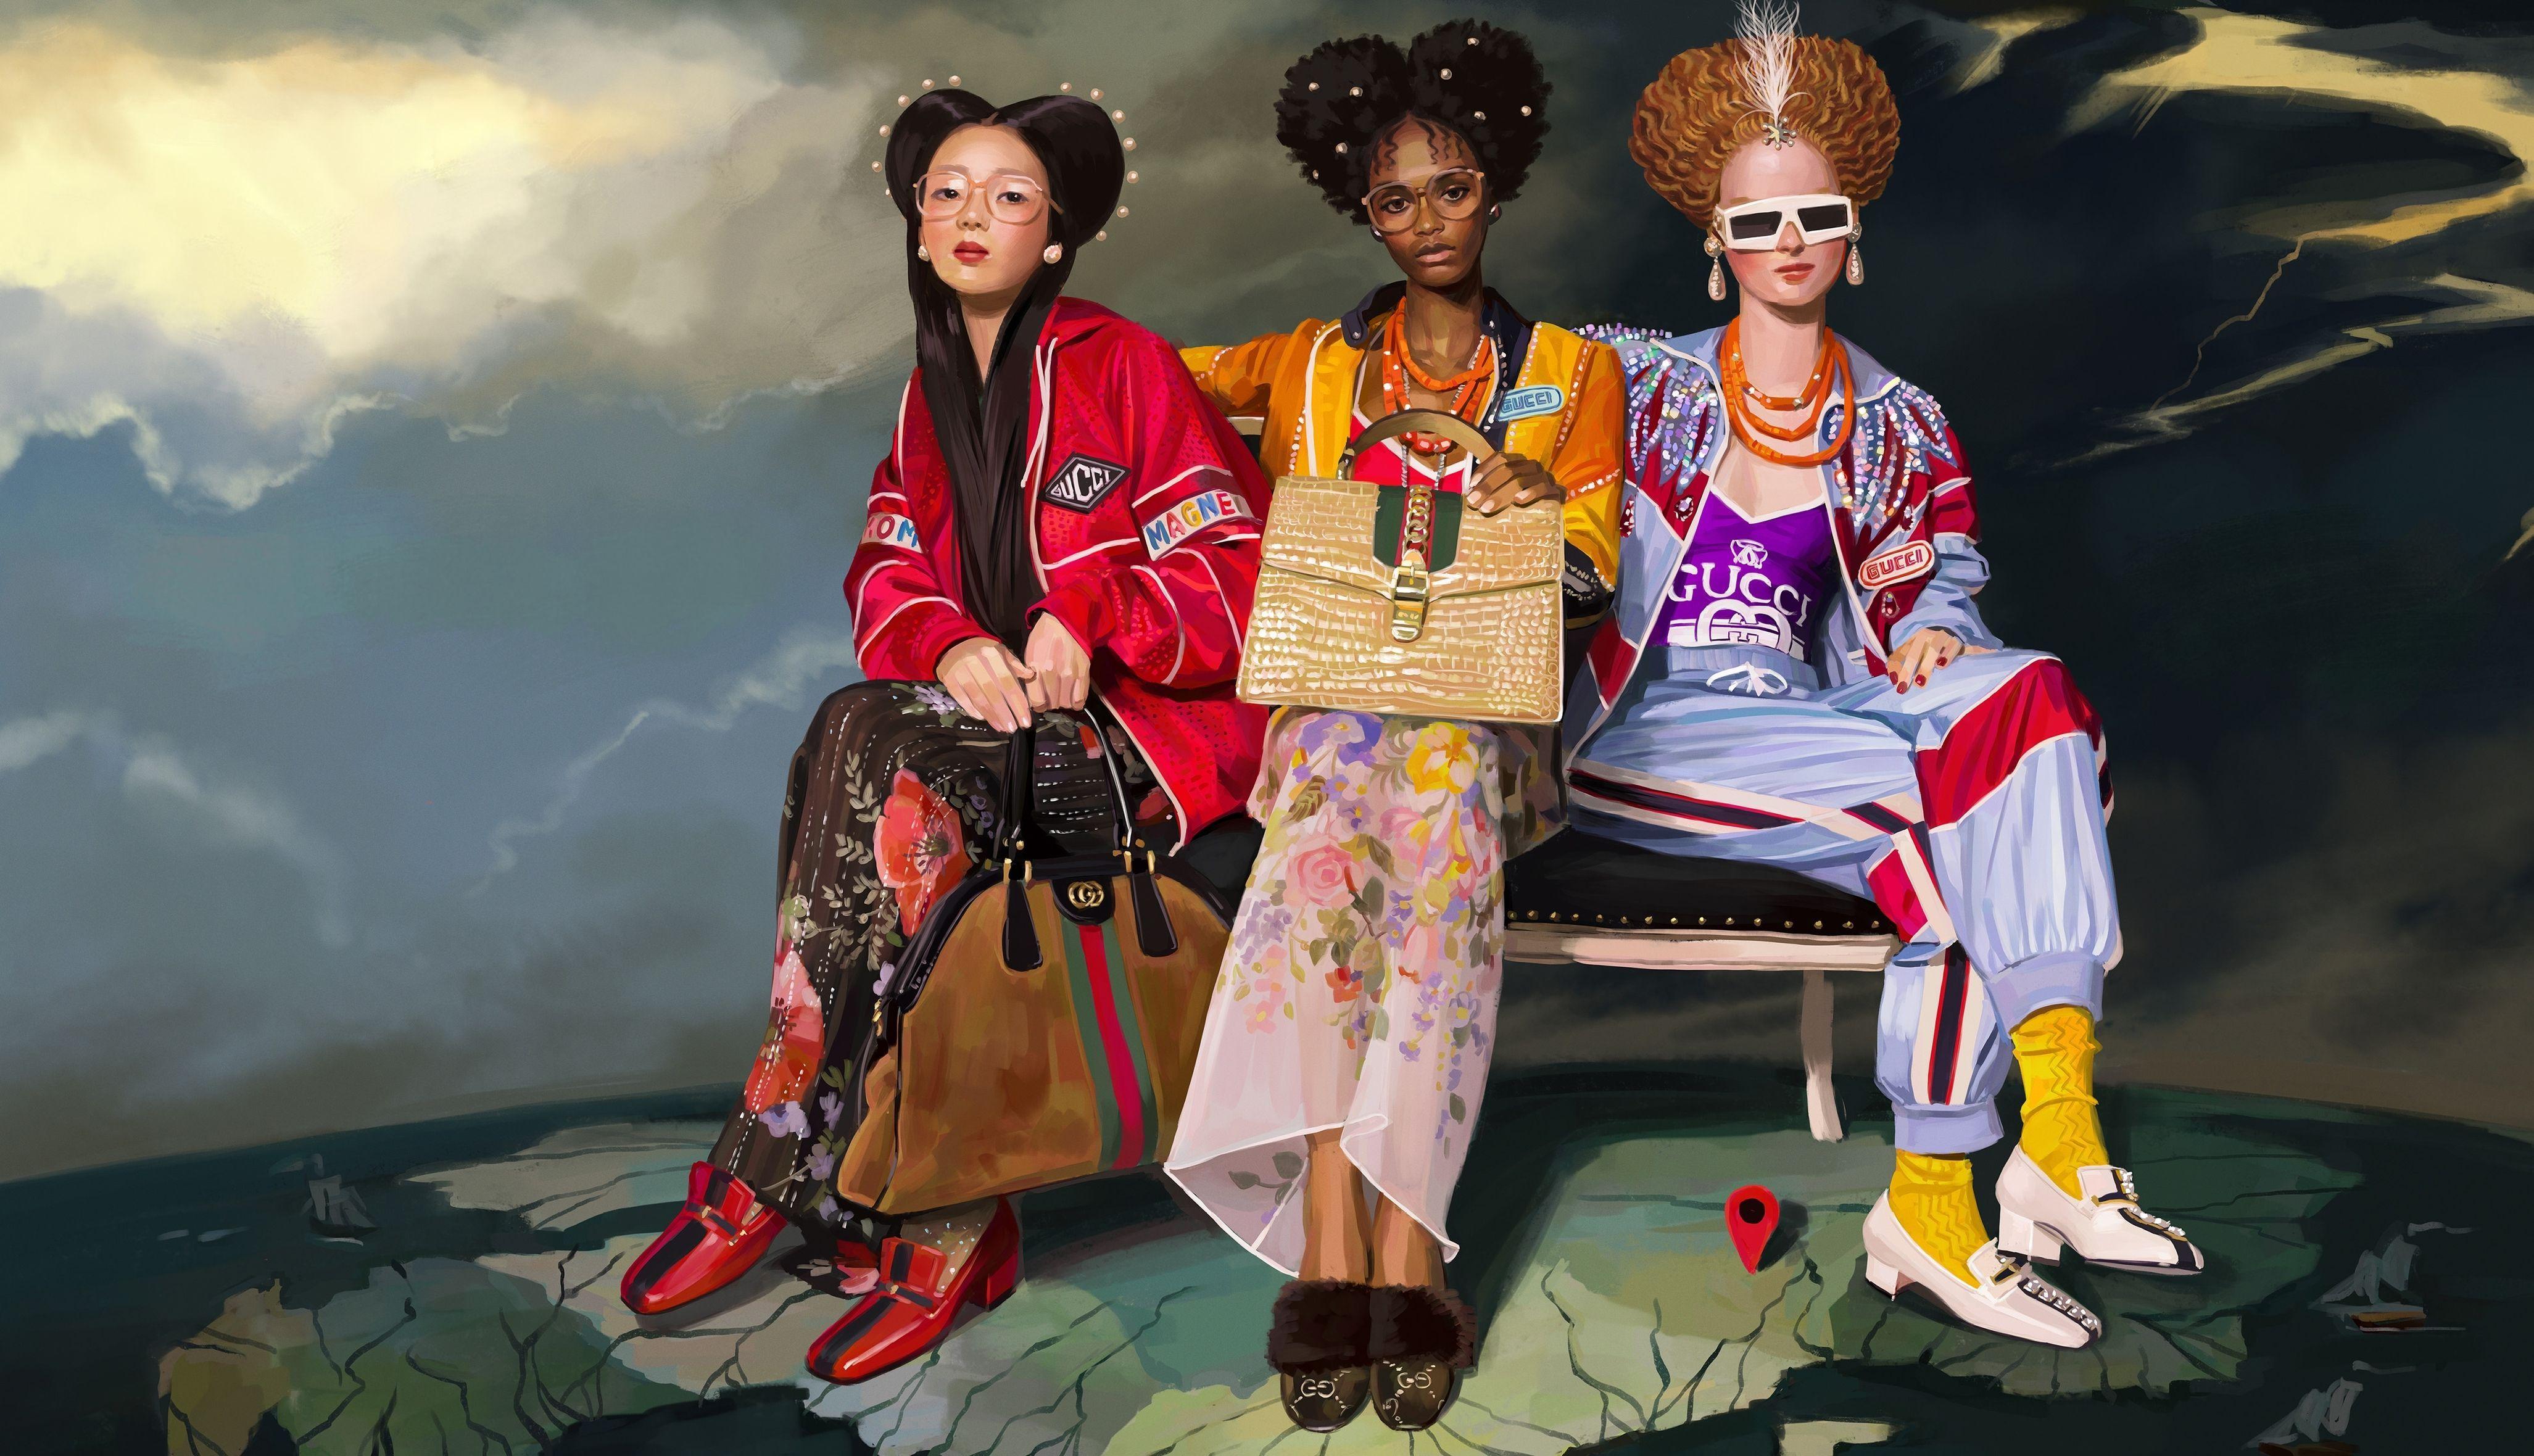 Chiến dịch quảng bá năm 2018 của thương hiệu Gucci dùng hình ảnh của những người mẫu thuộc nhiều chủng tộc khác nhau. - xu hướng ngành thời trang